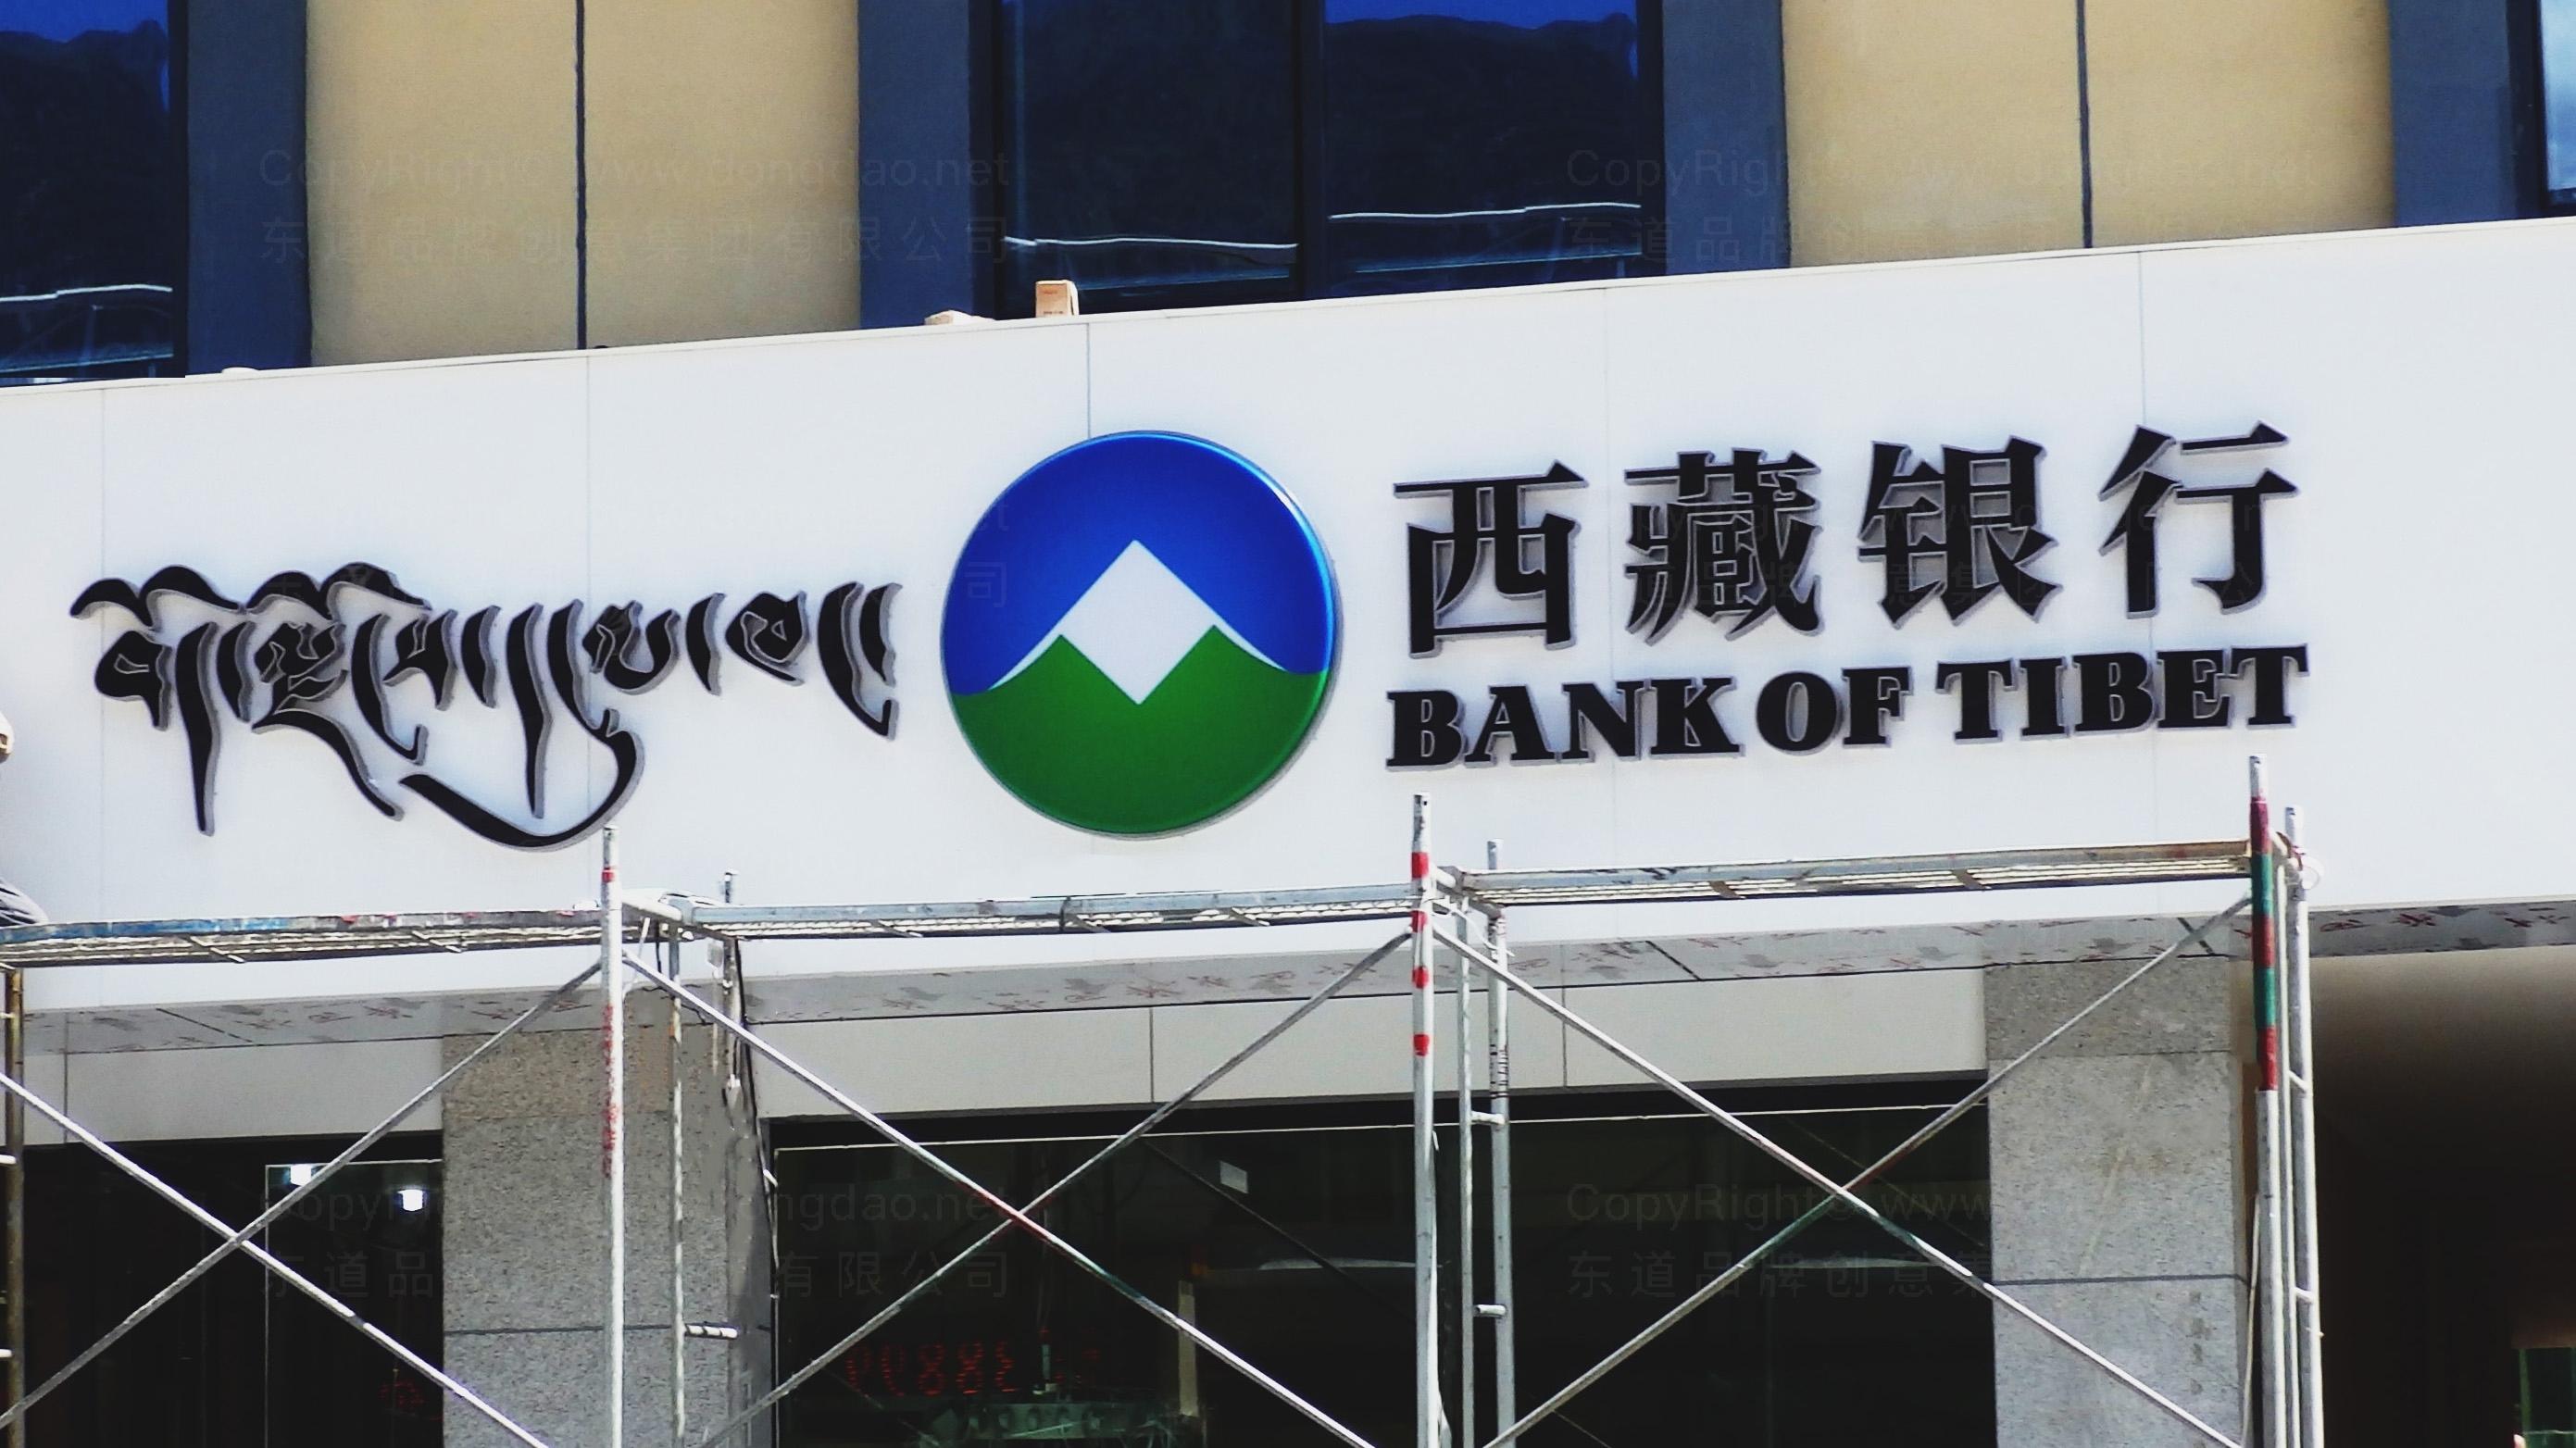 落地工程西藏银行装饰工程标识制作应用场景